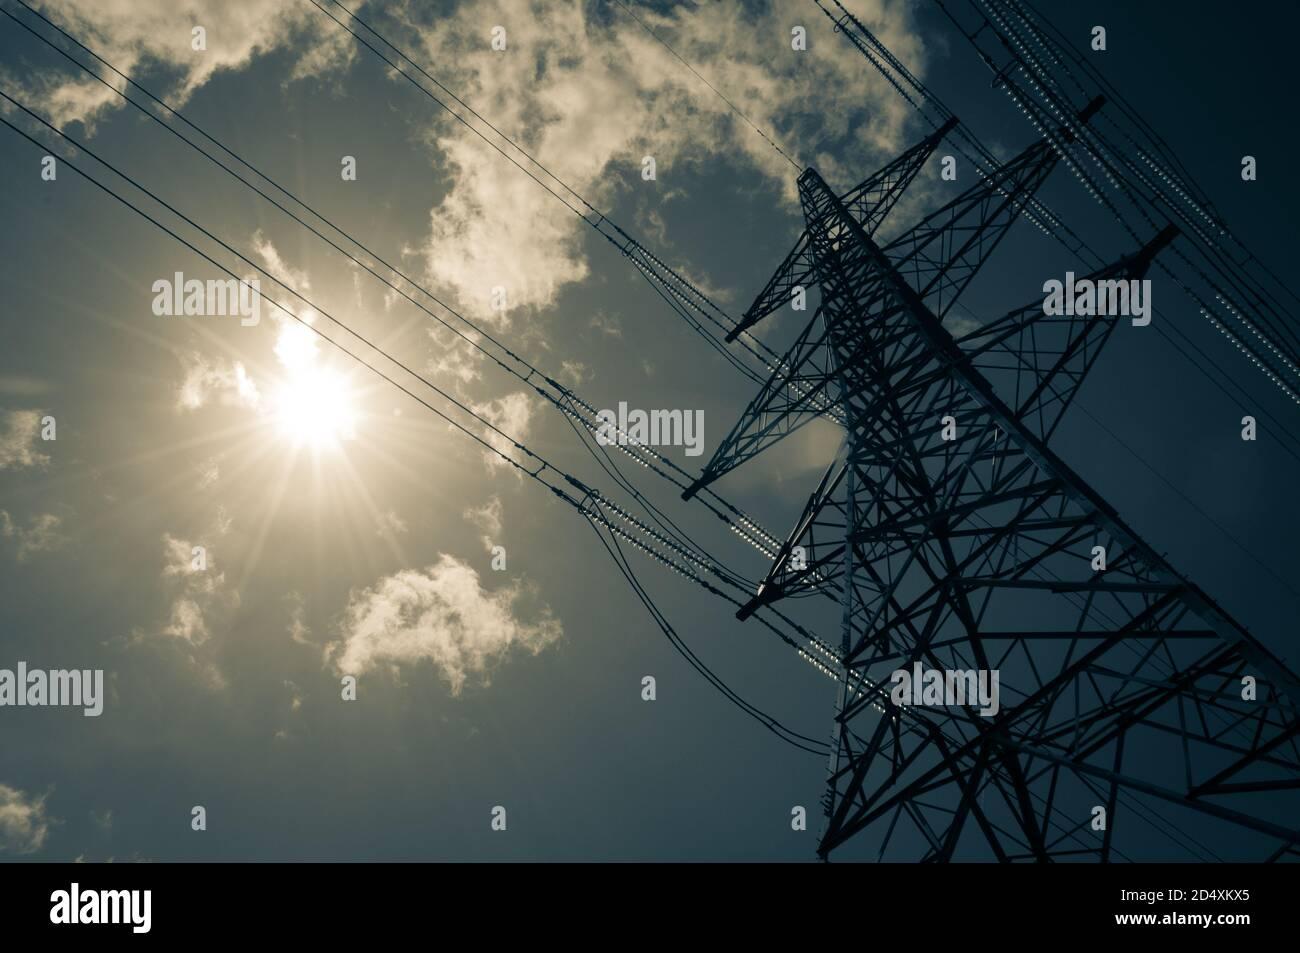 Un pilón de electricidad se alza alto en el calor del sol de verano con unas pocas nubes wispy. Concepto de energía solar. Foto de stock